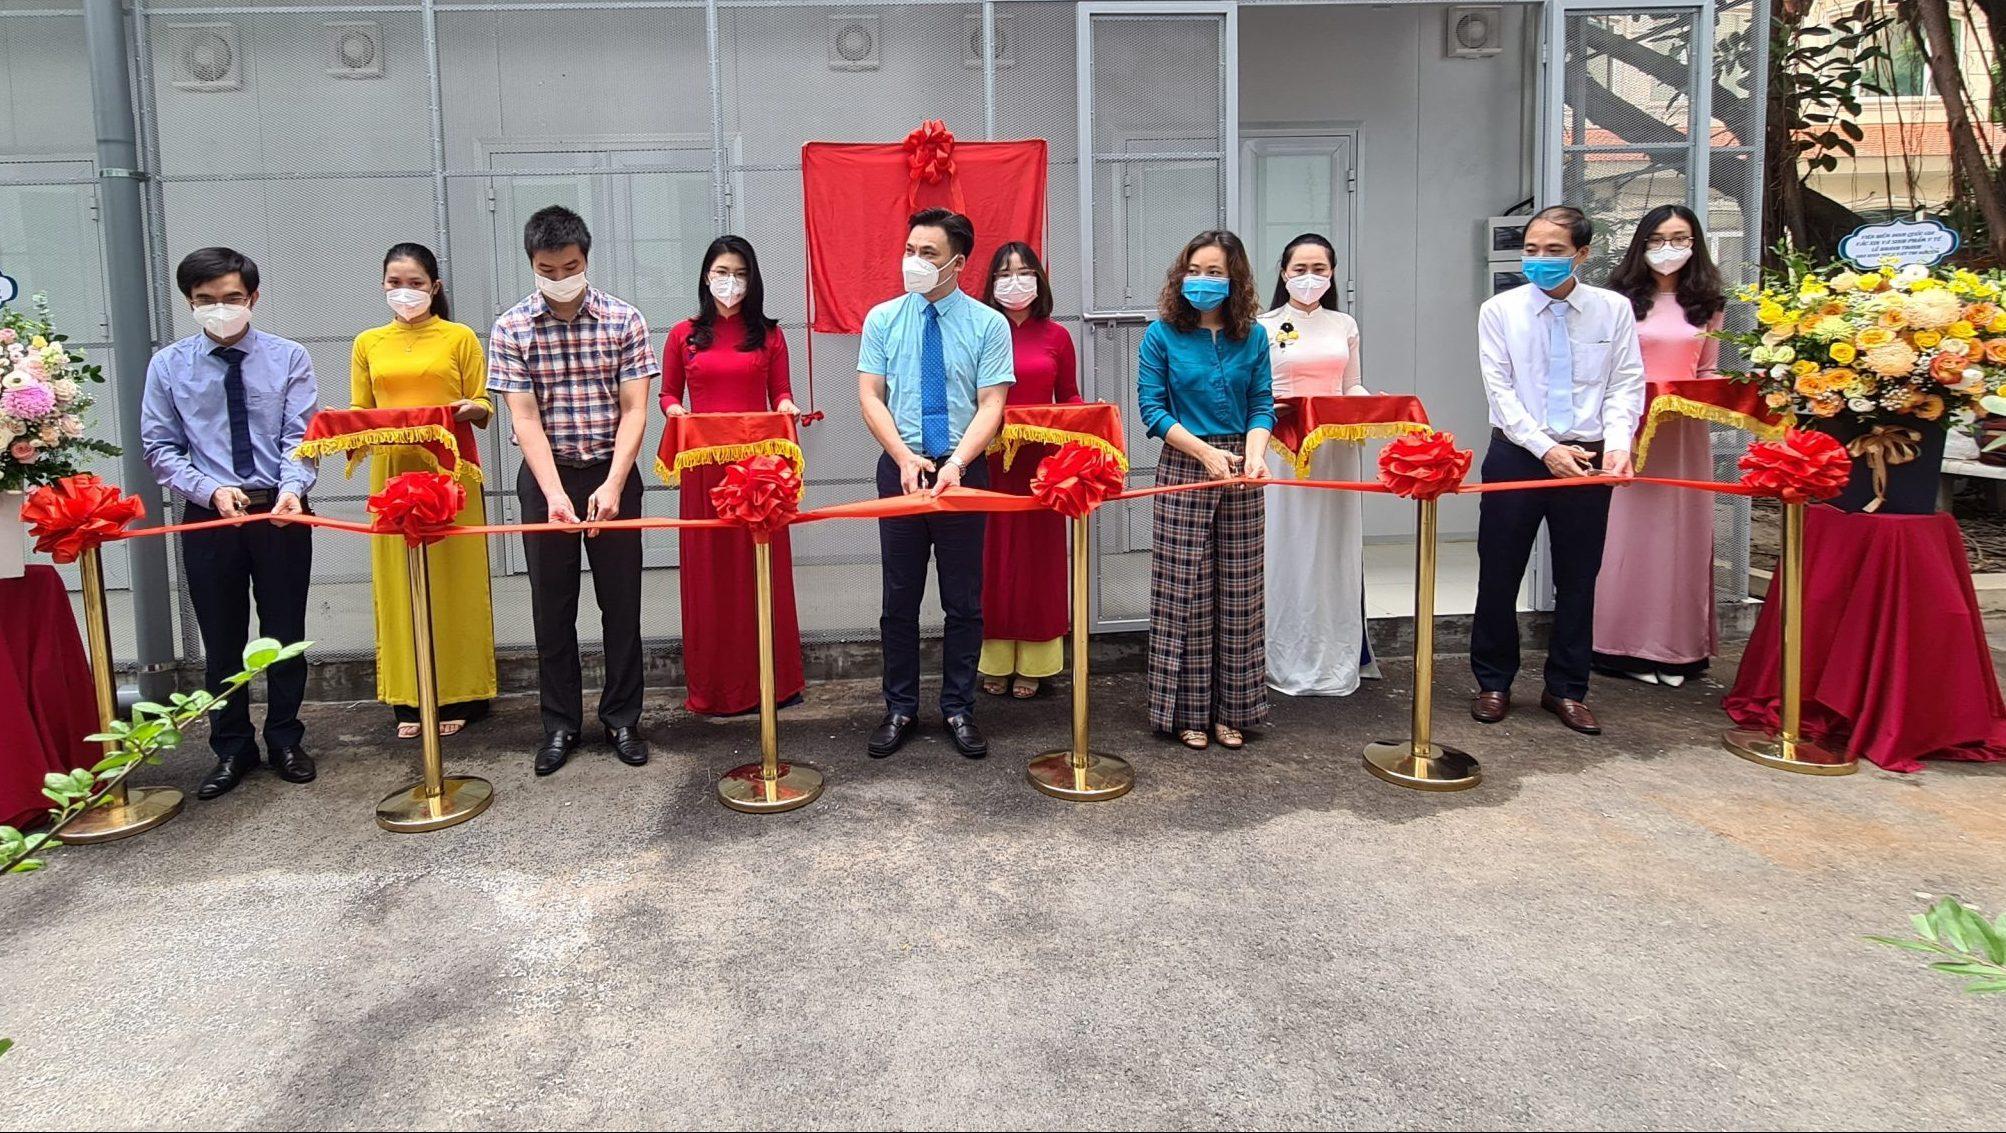 Tân Á Đại Thành hỗ trợ công tác nghiên cứu, kiểm định vắc-xin và sinh phẩm y tế